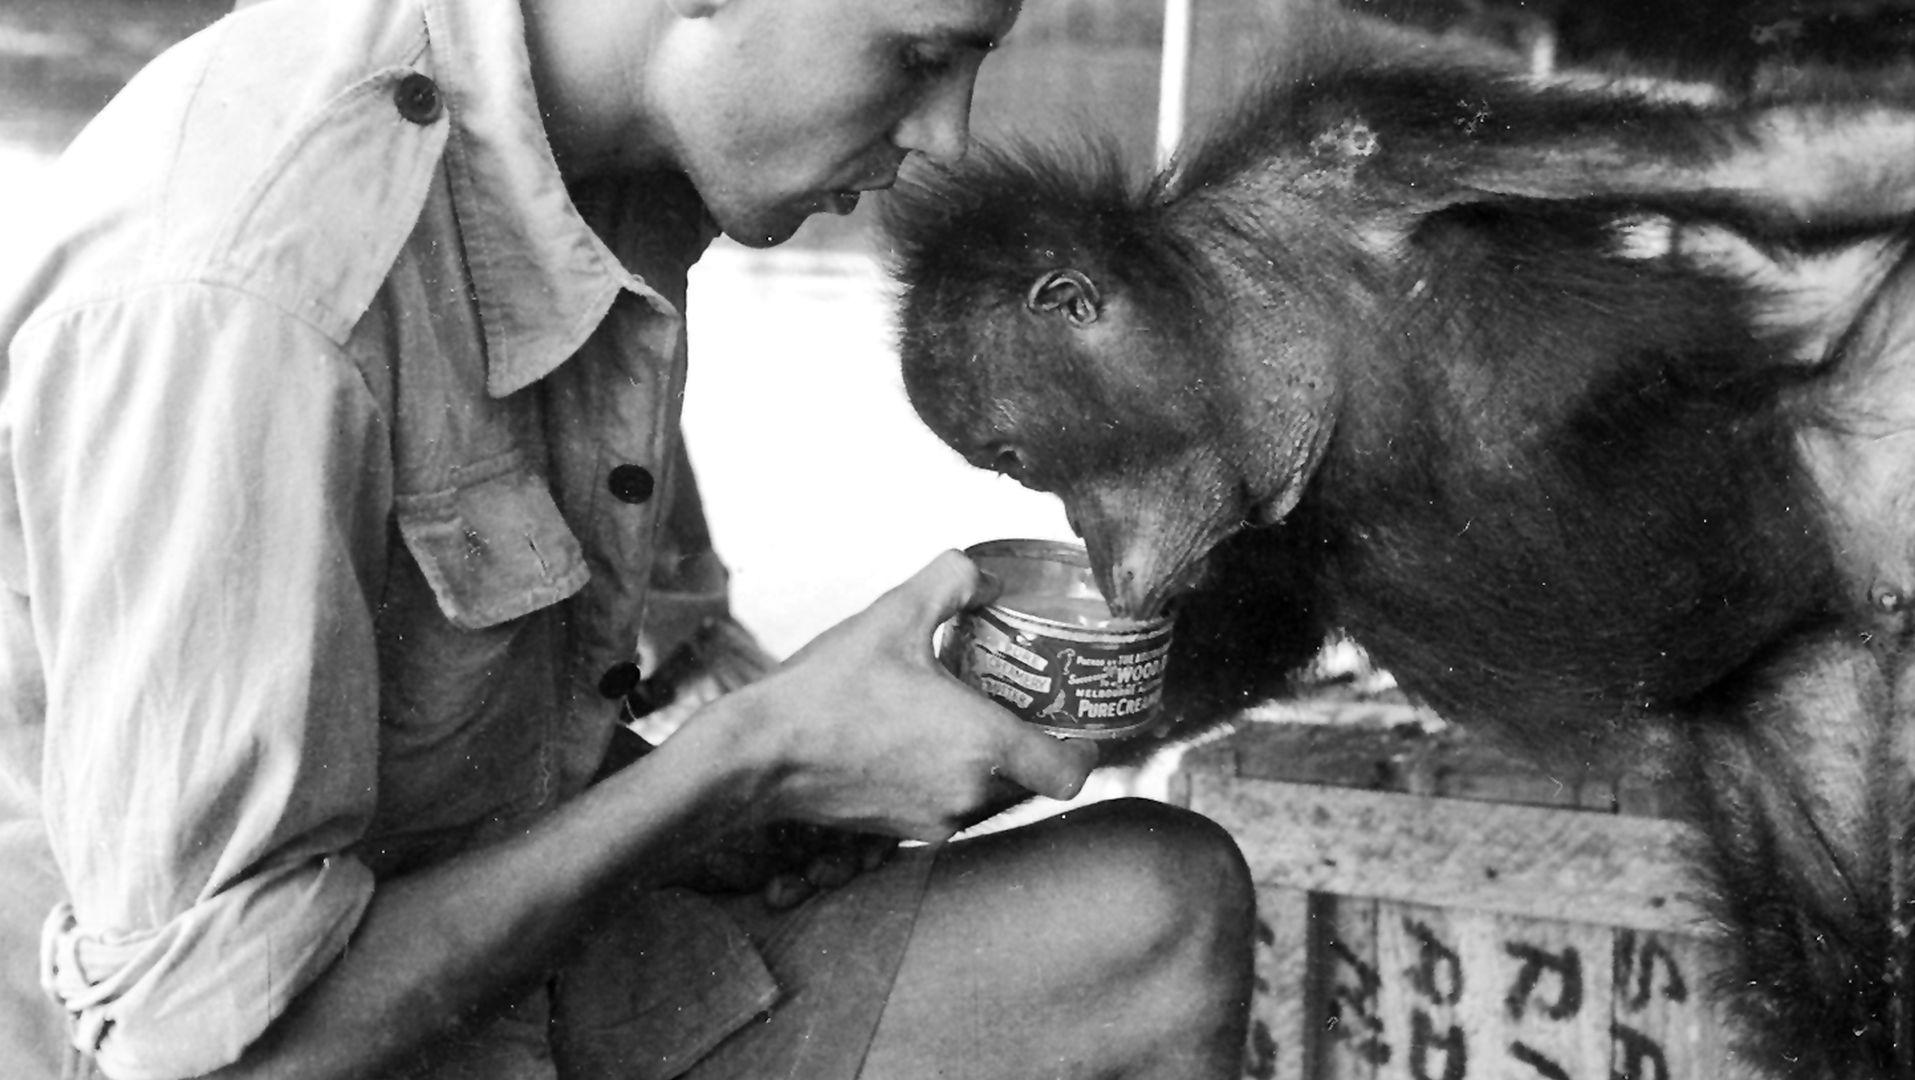 Strach, nieufność, przyjaźń - jak spotkałem orangutana Charliego